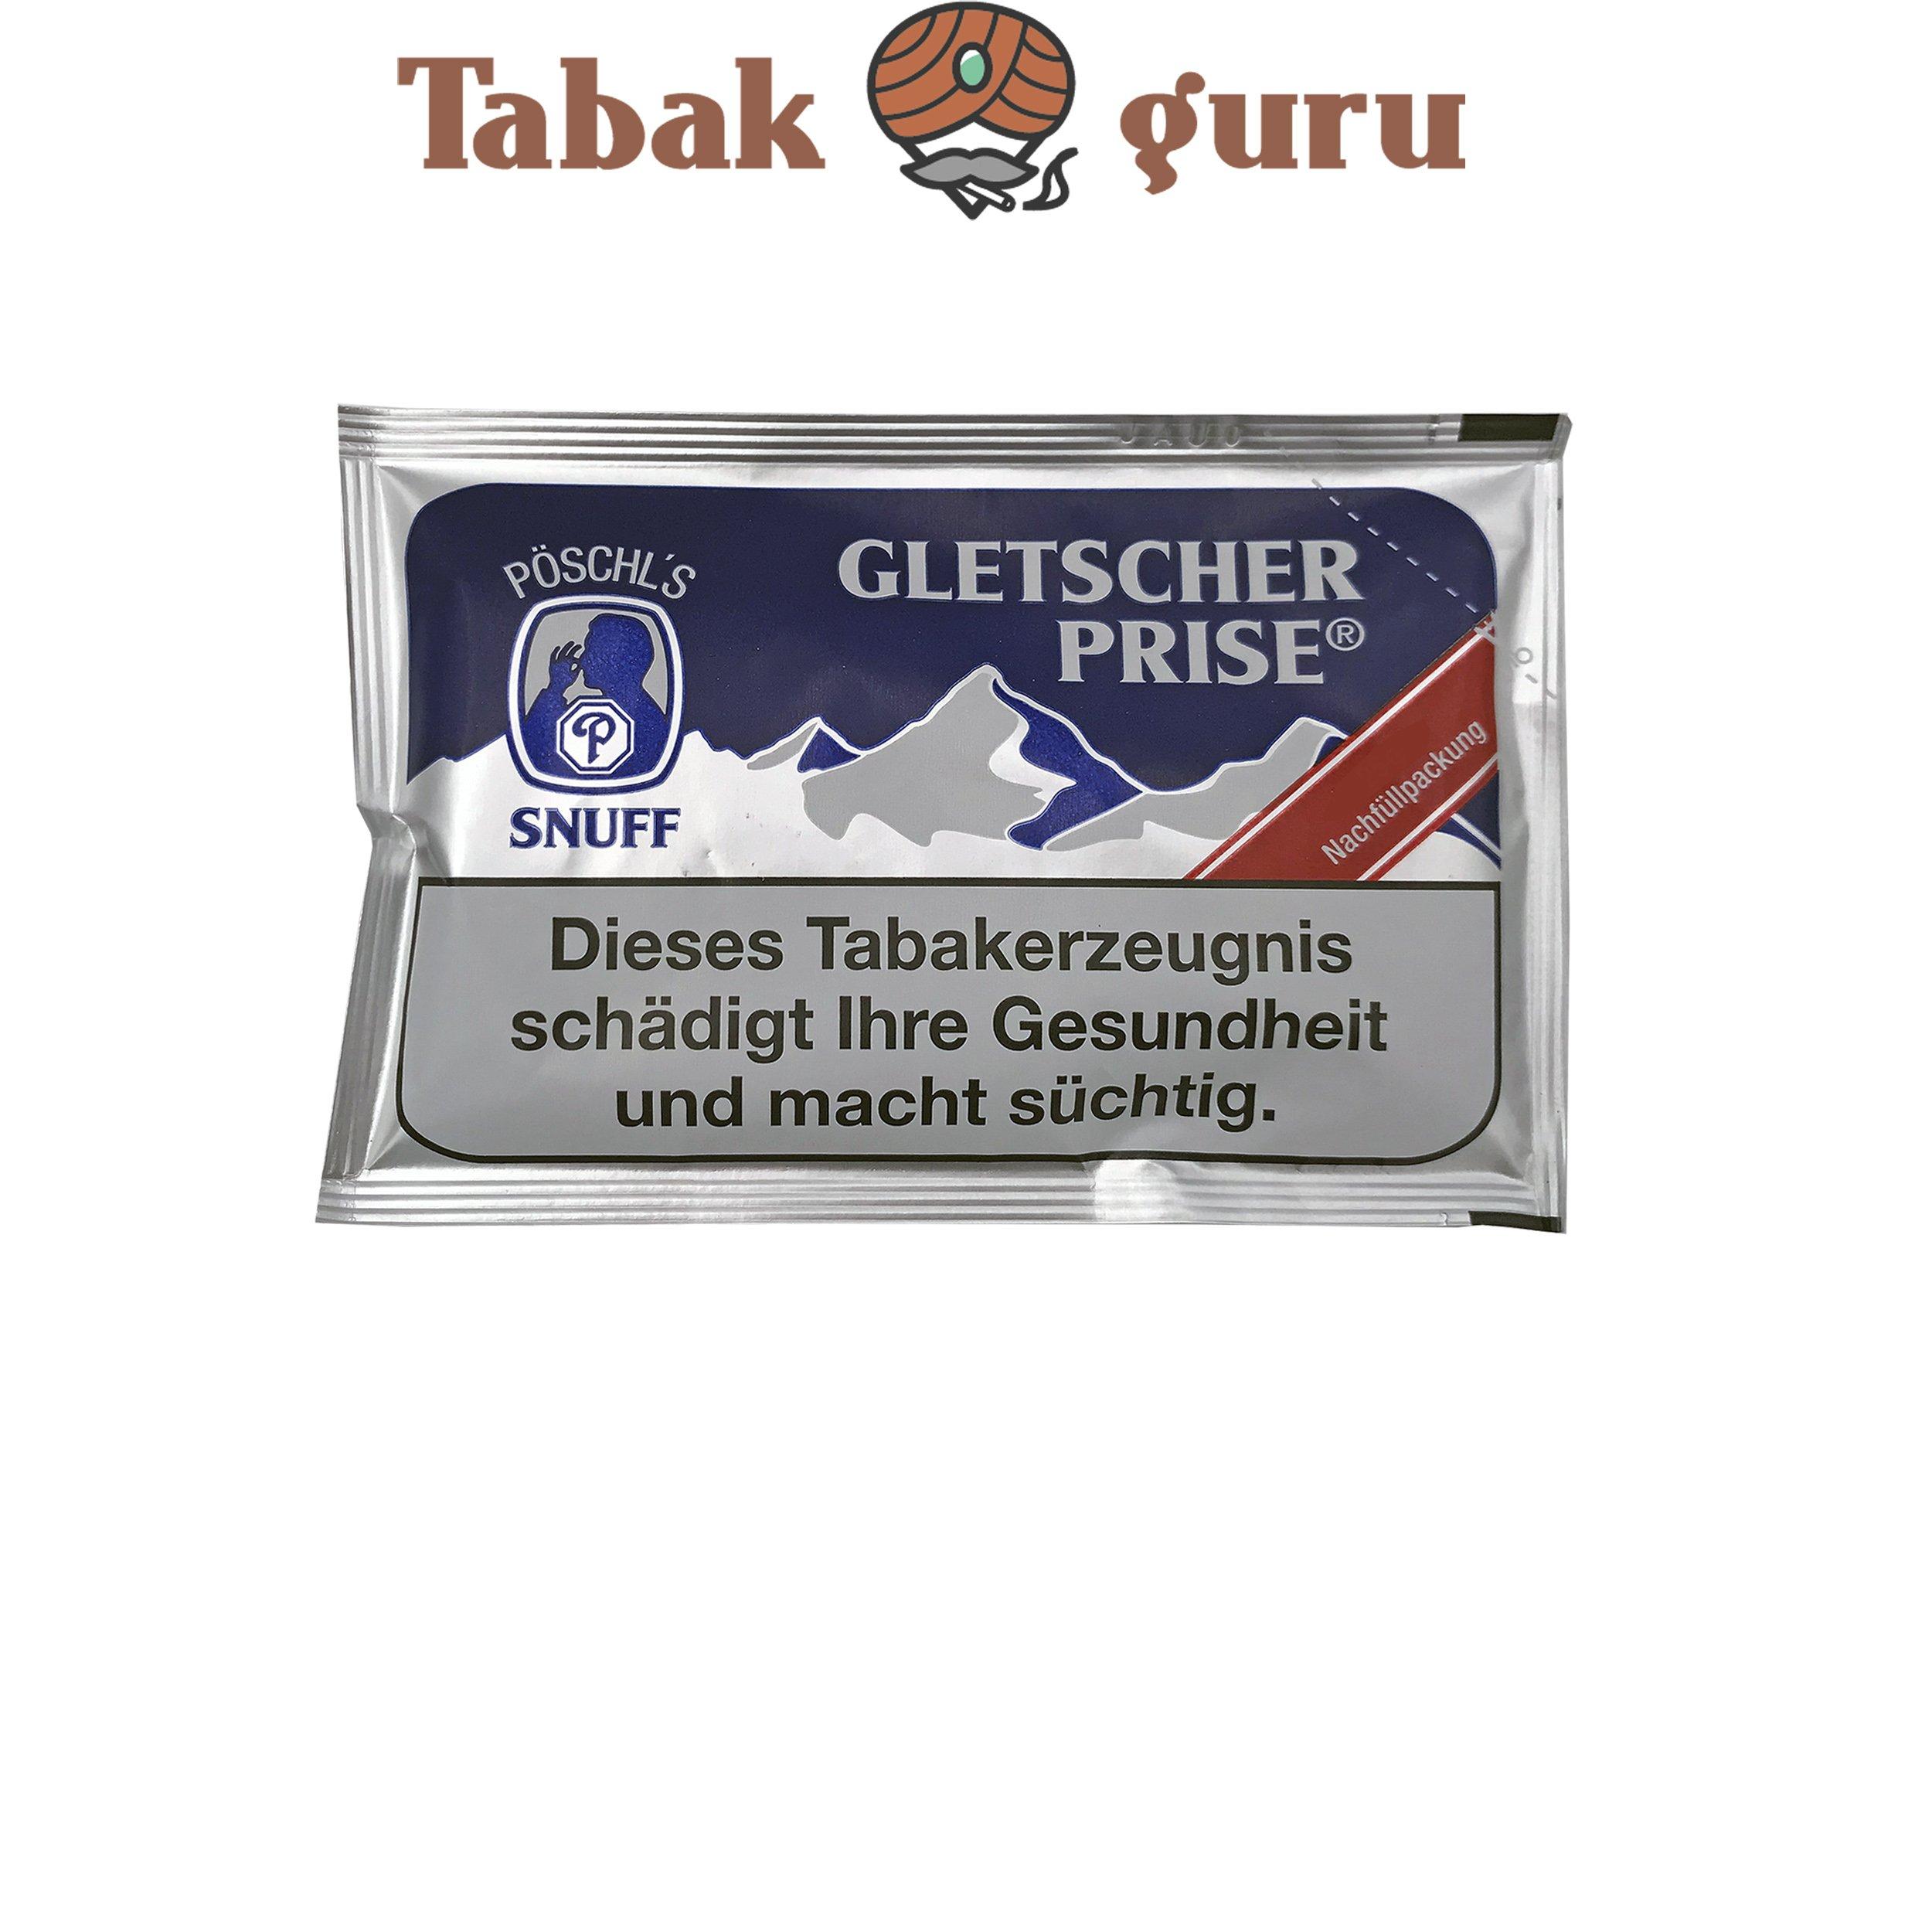 Gletscher Prise Snuff Schnupftabak 25g Beutel